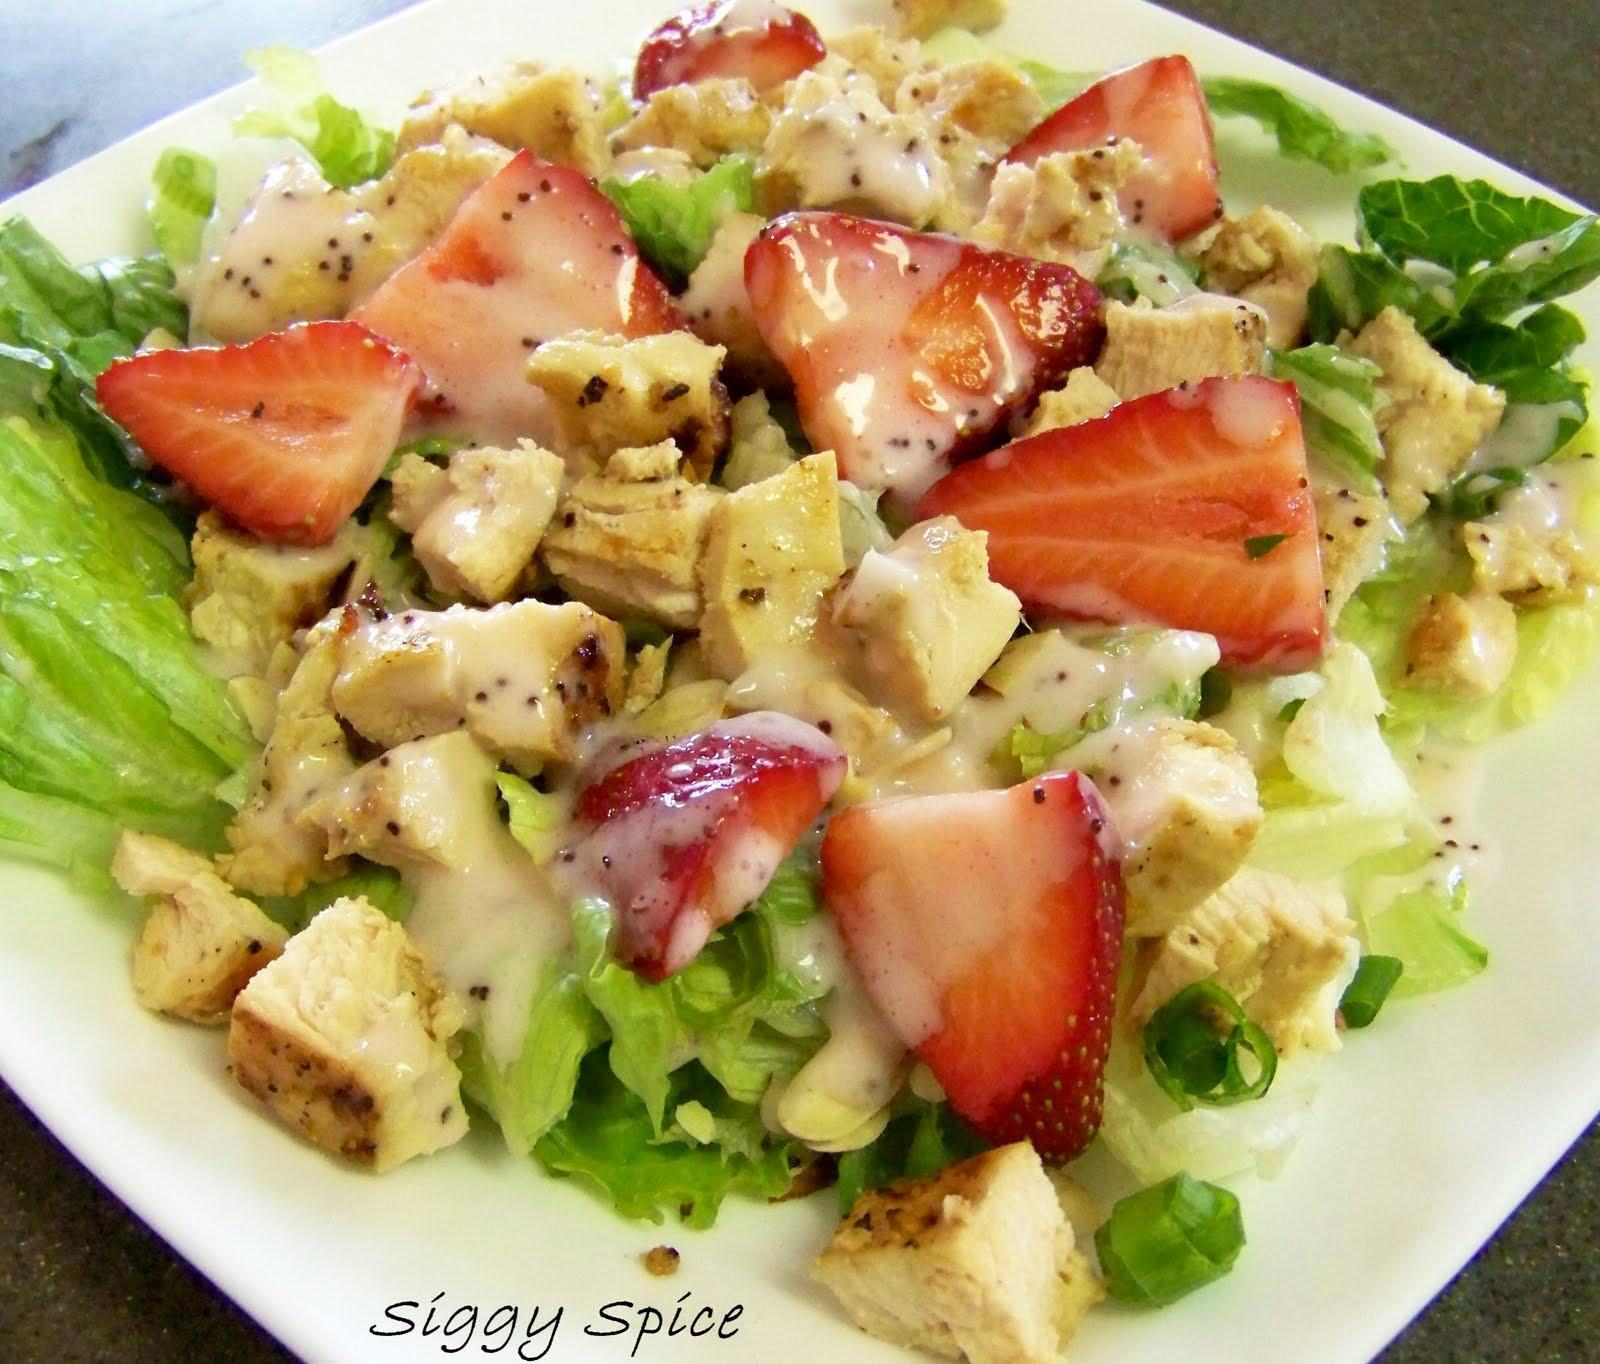 Strawberry Chicken Salad  Siggy Spice Strawberry Chicken Salad